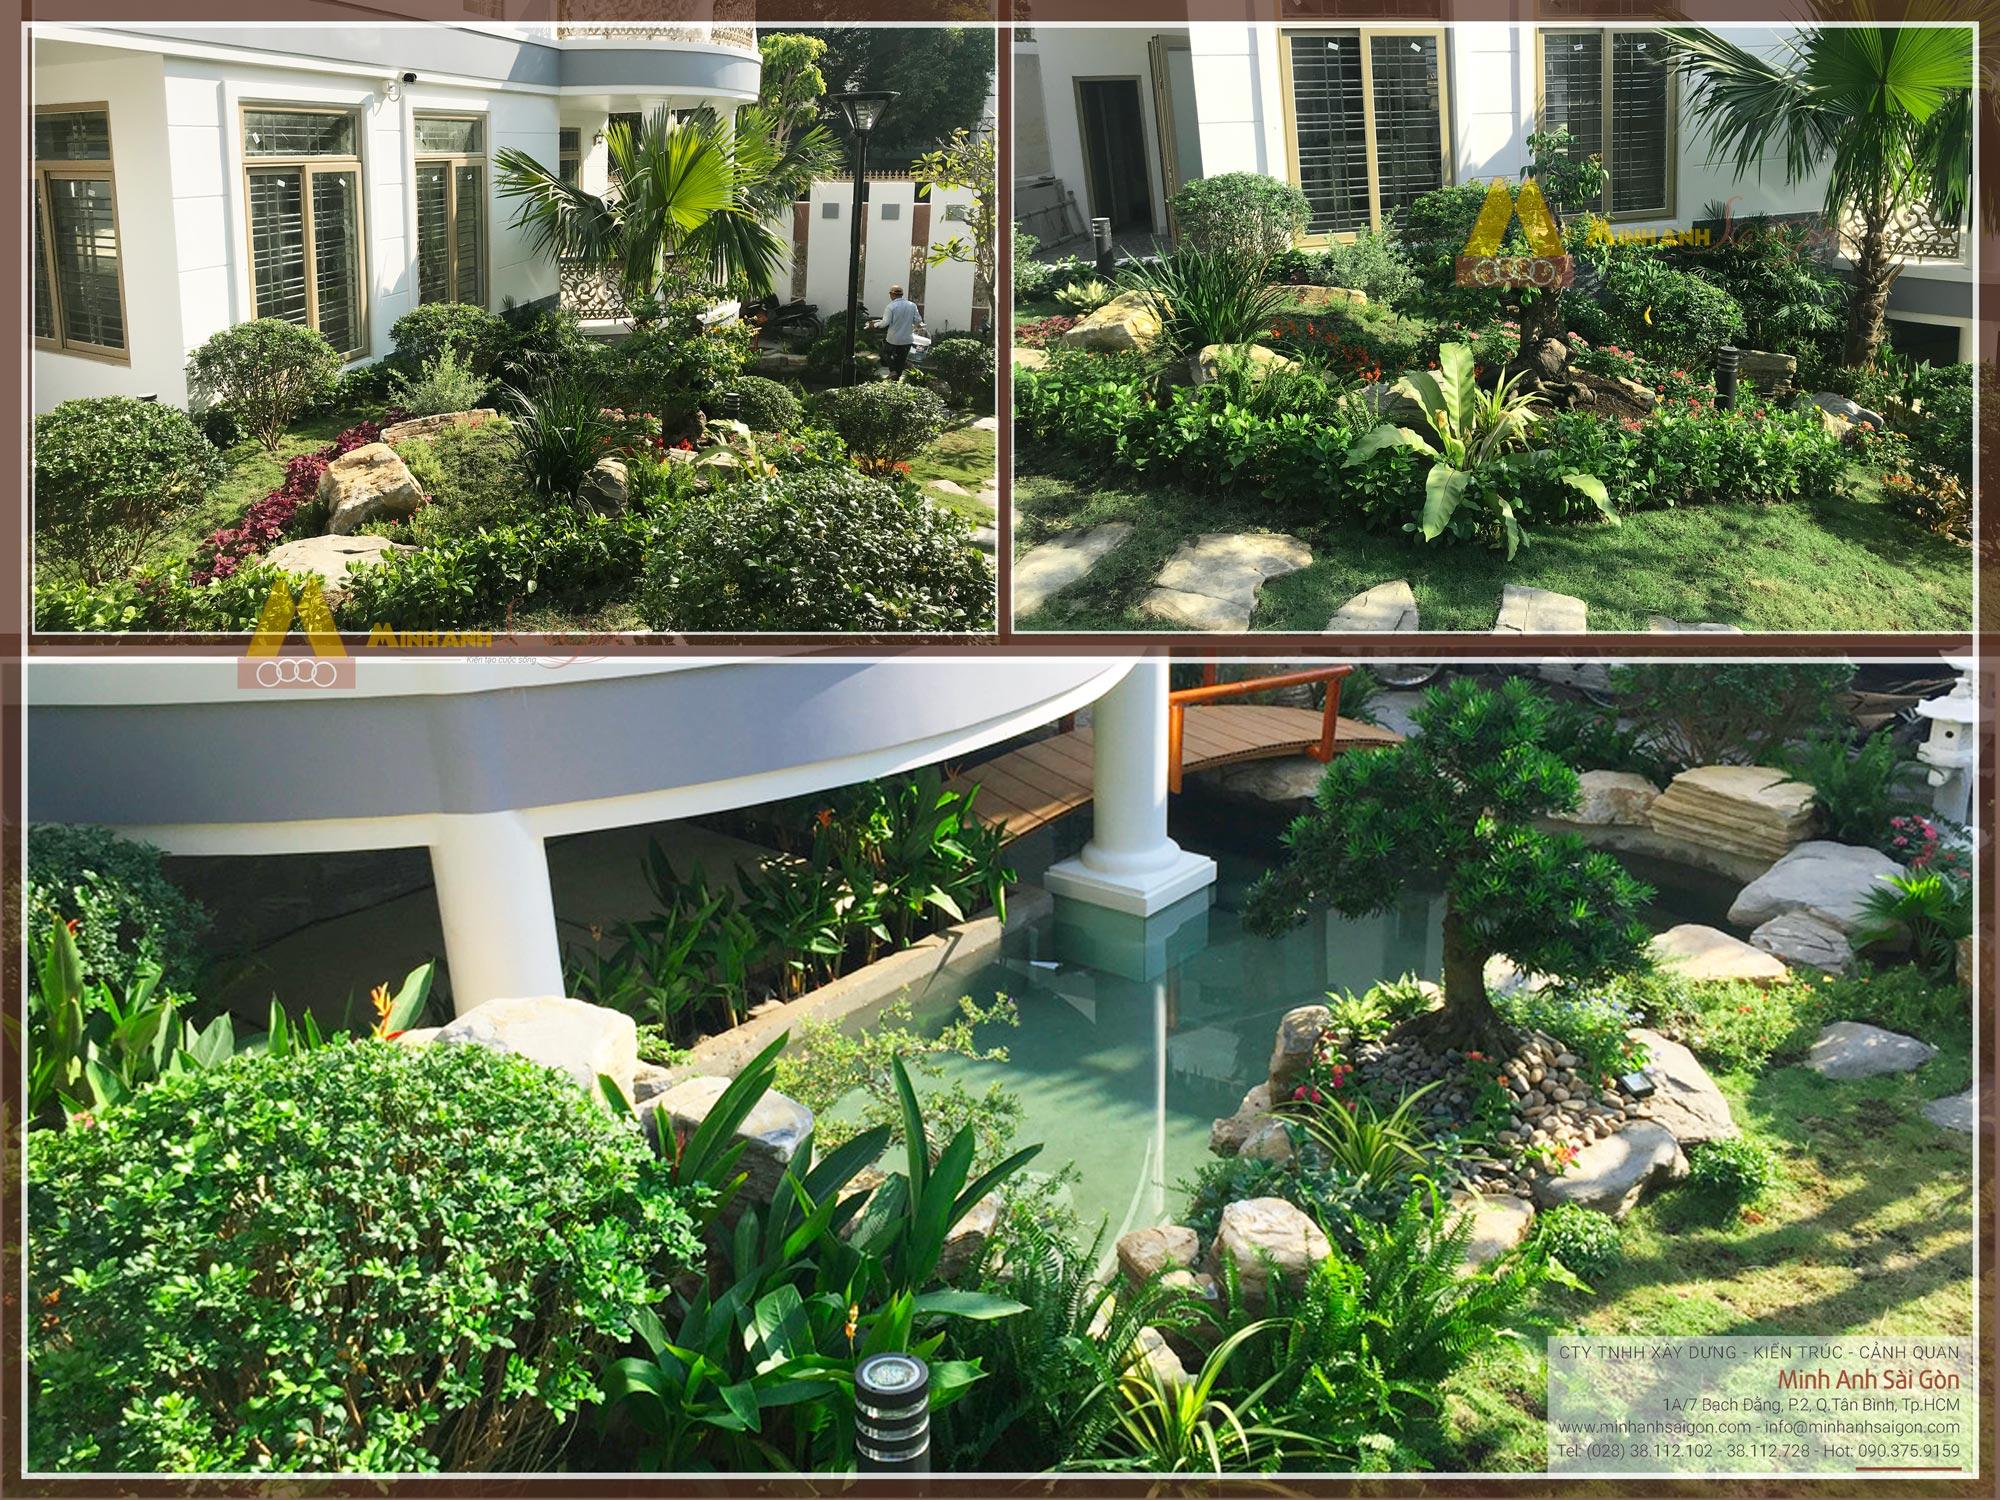 Sân vườn biệt thự chị Thi